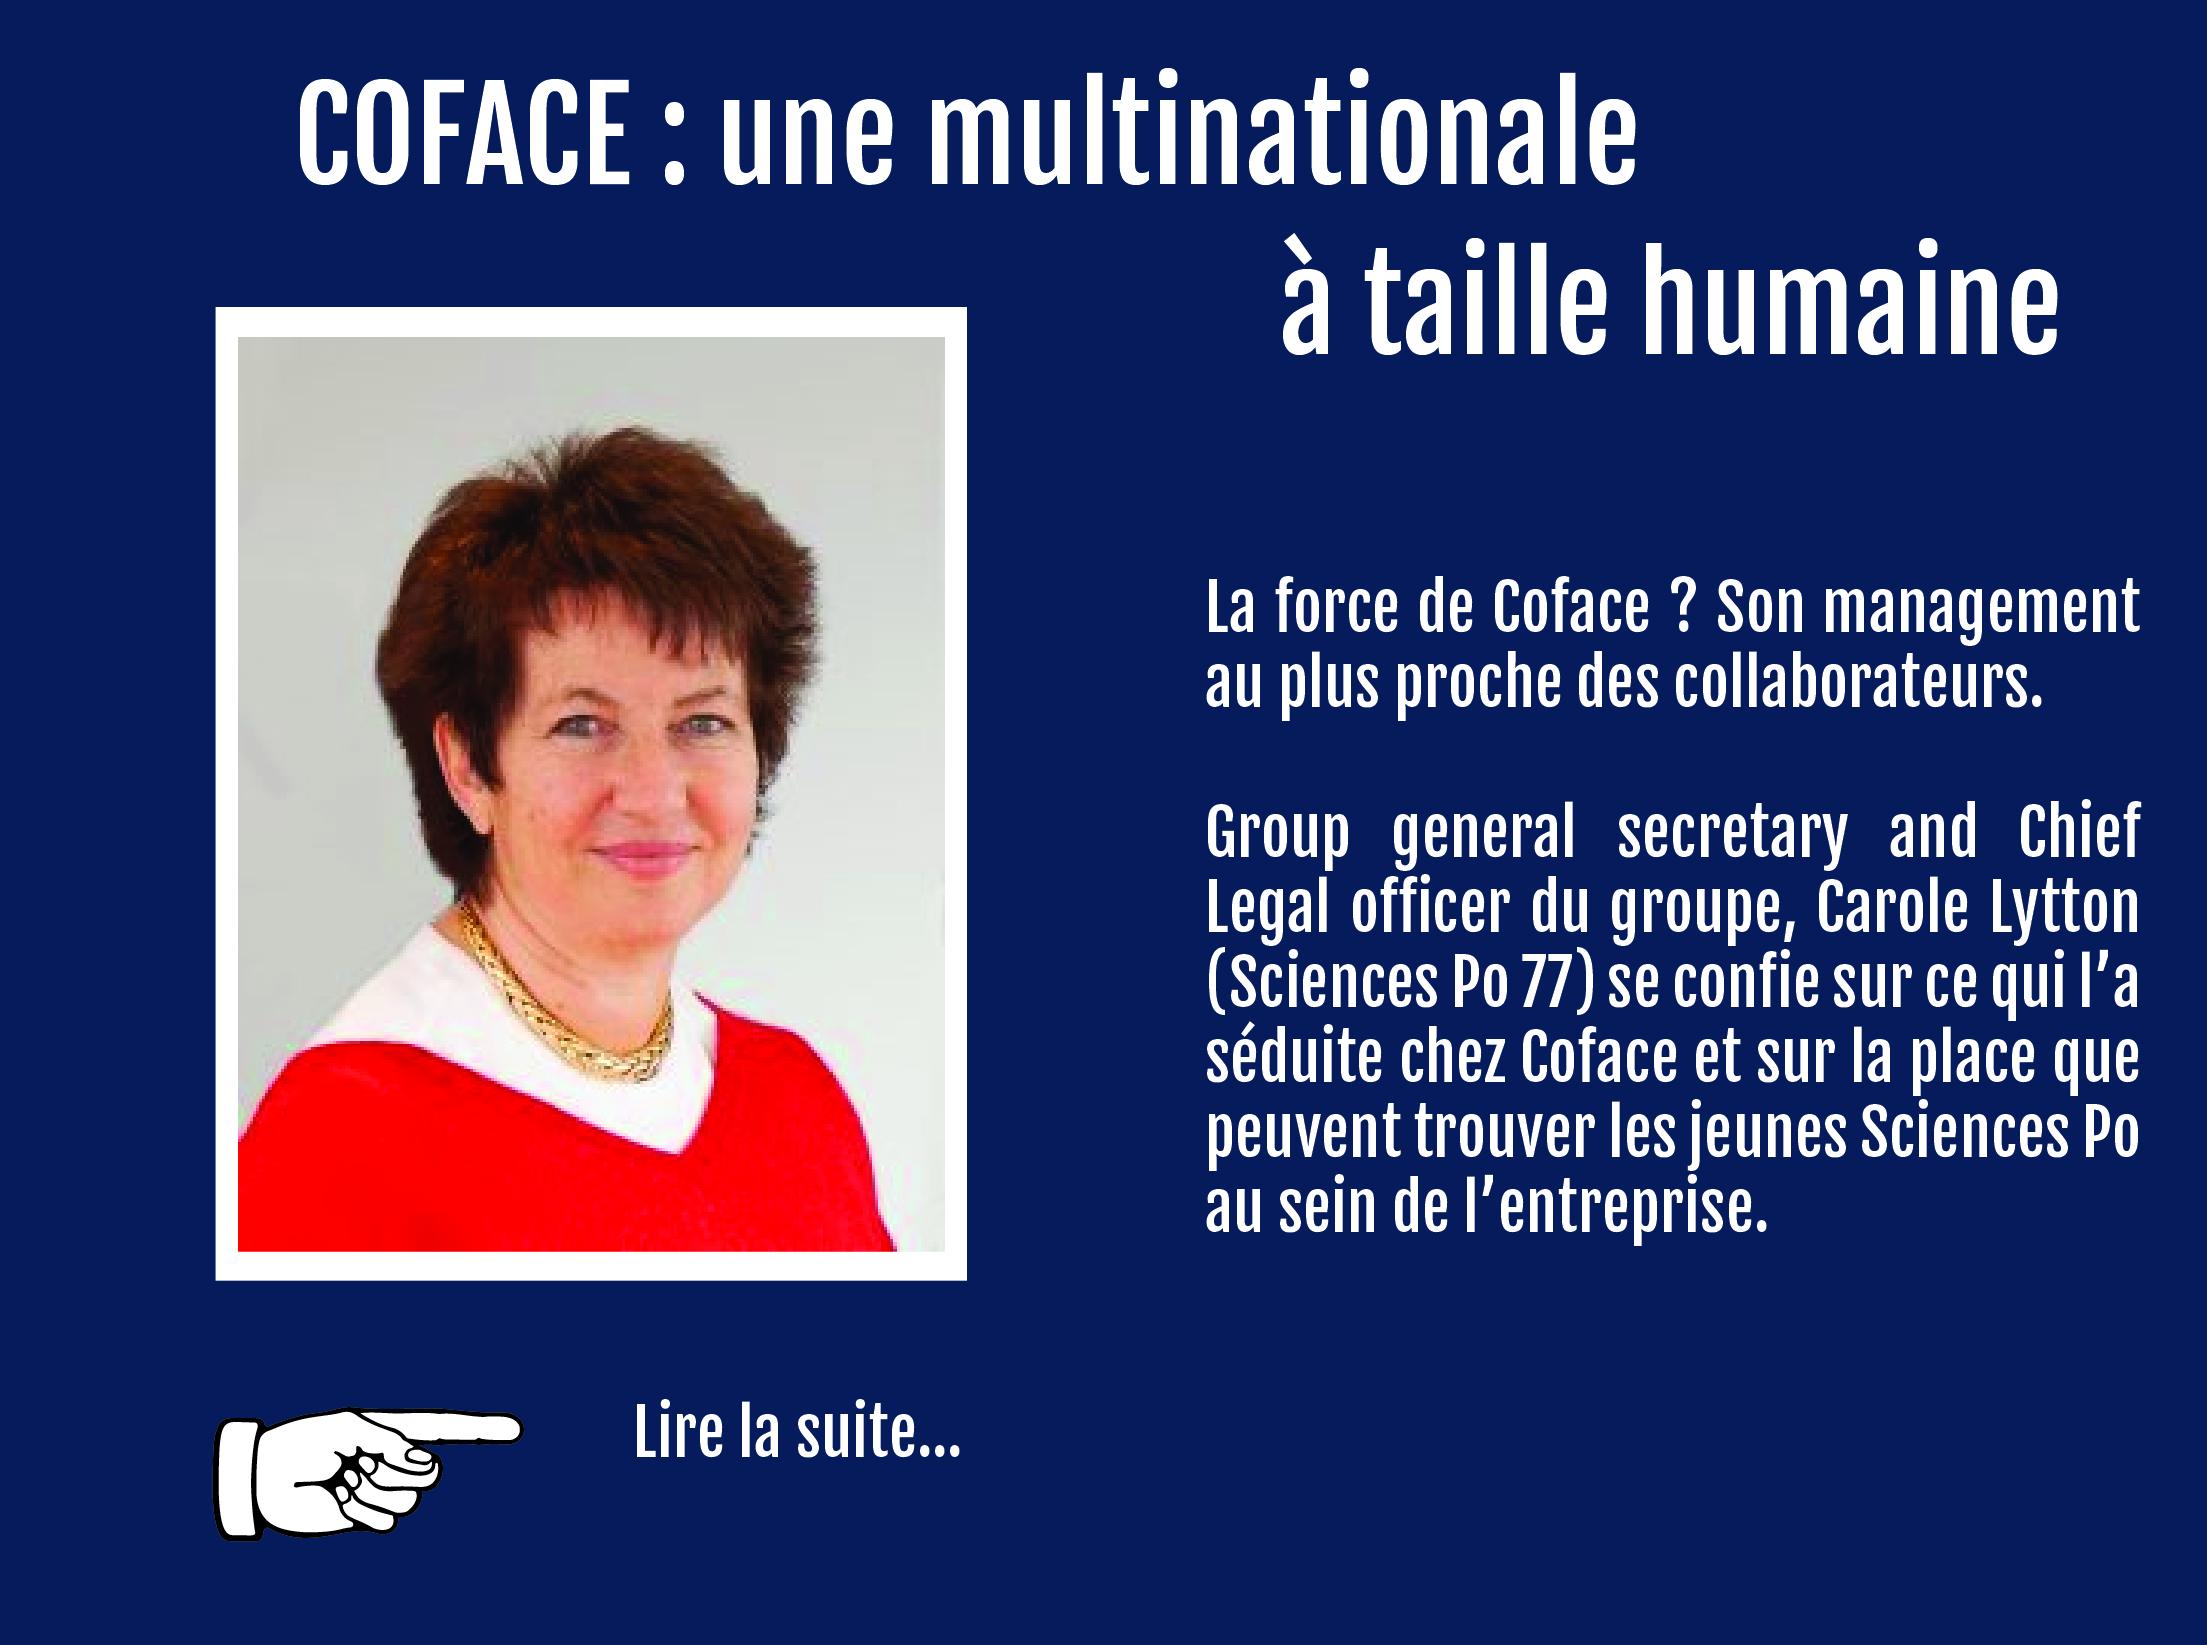 Coface.jpg